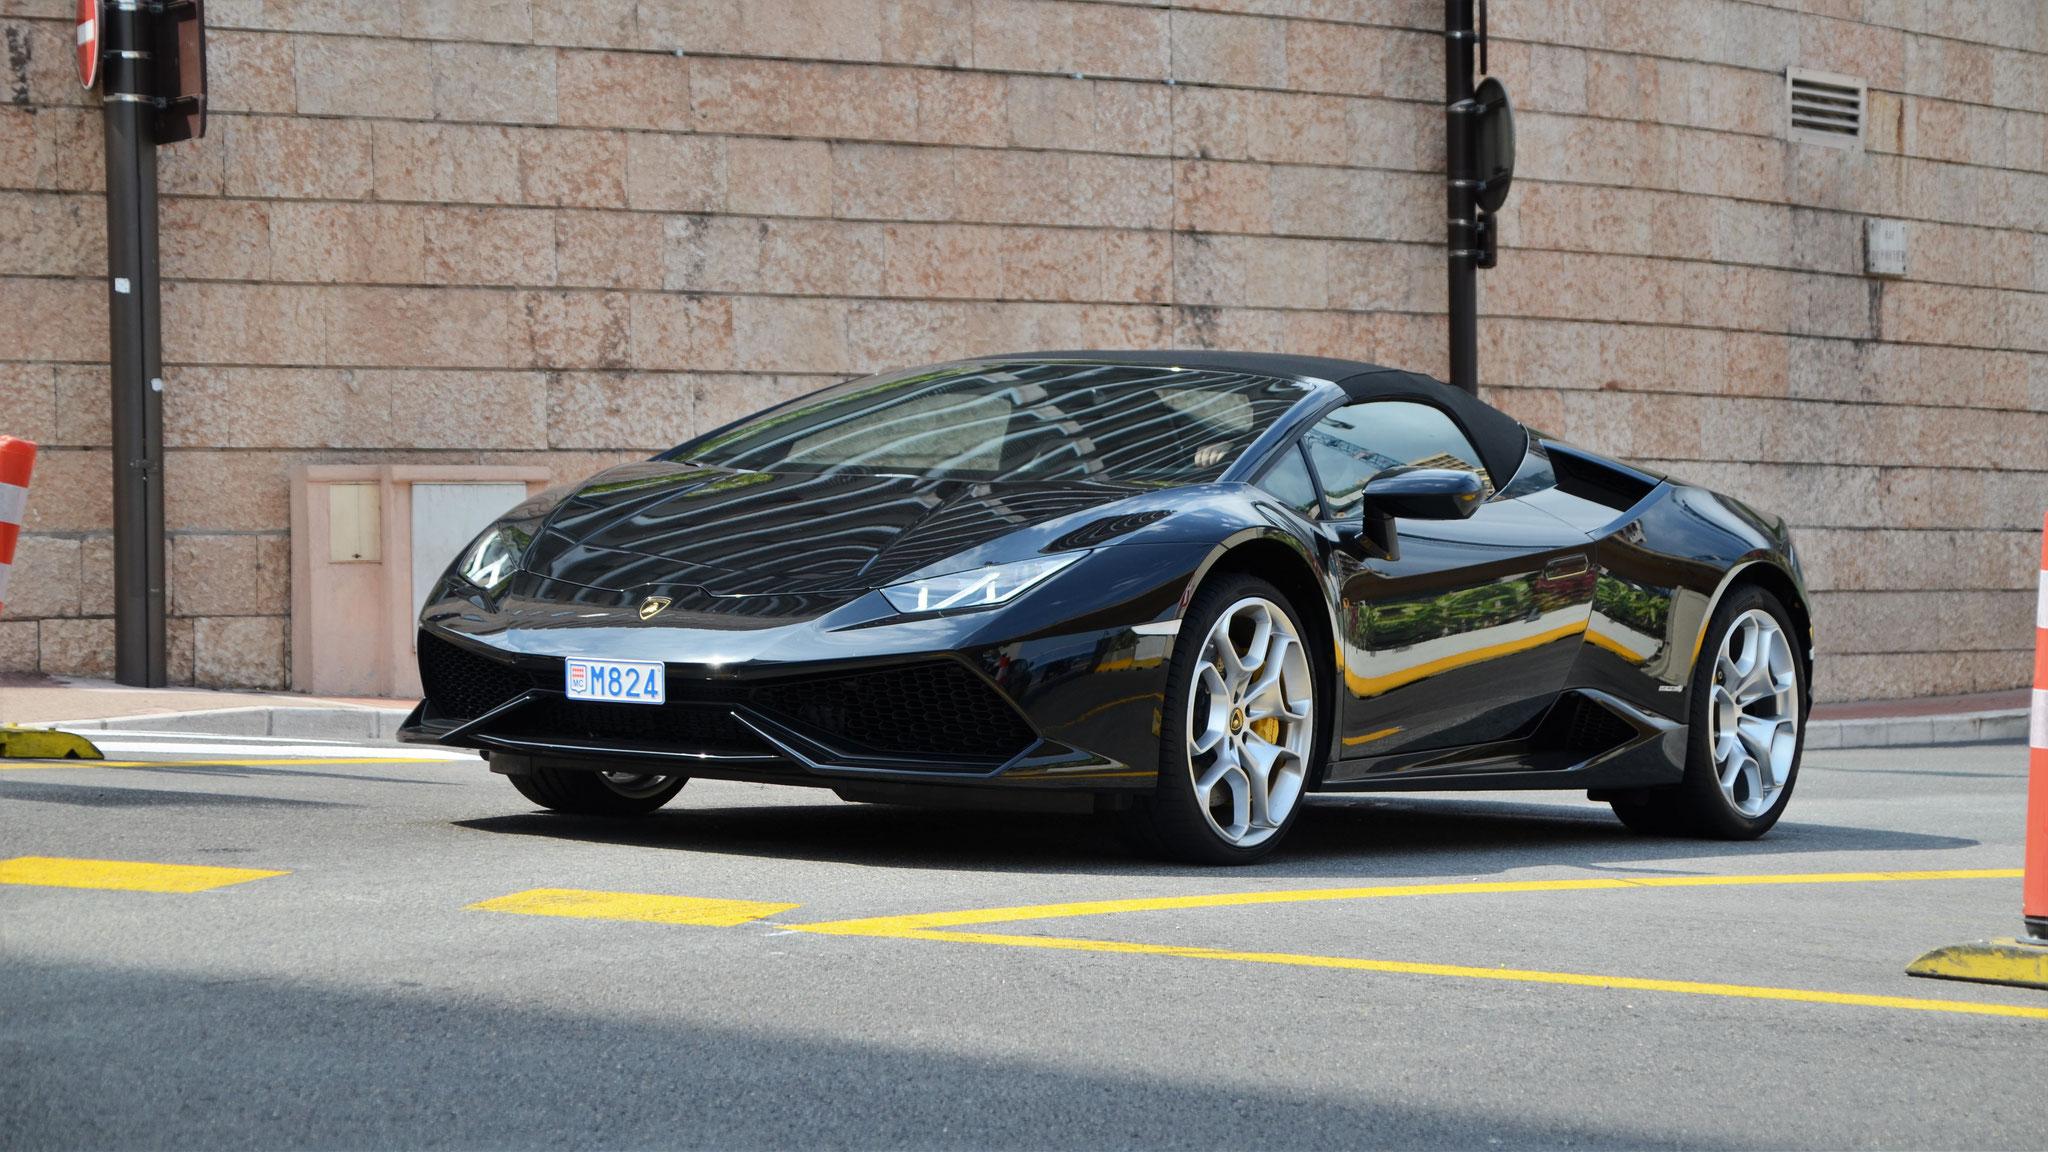 Lamborghini Huracan Spyder  - M824 (MC)